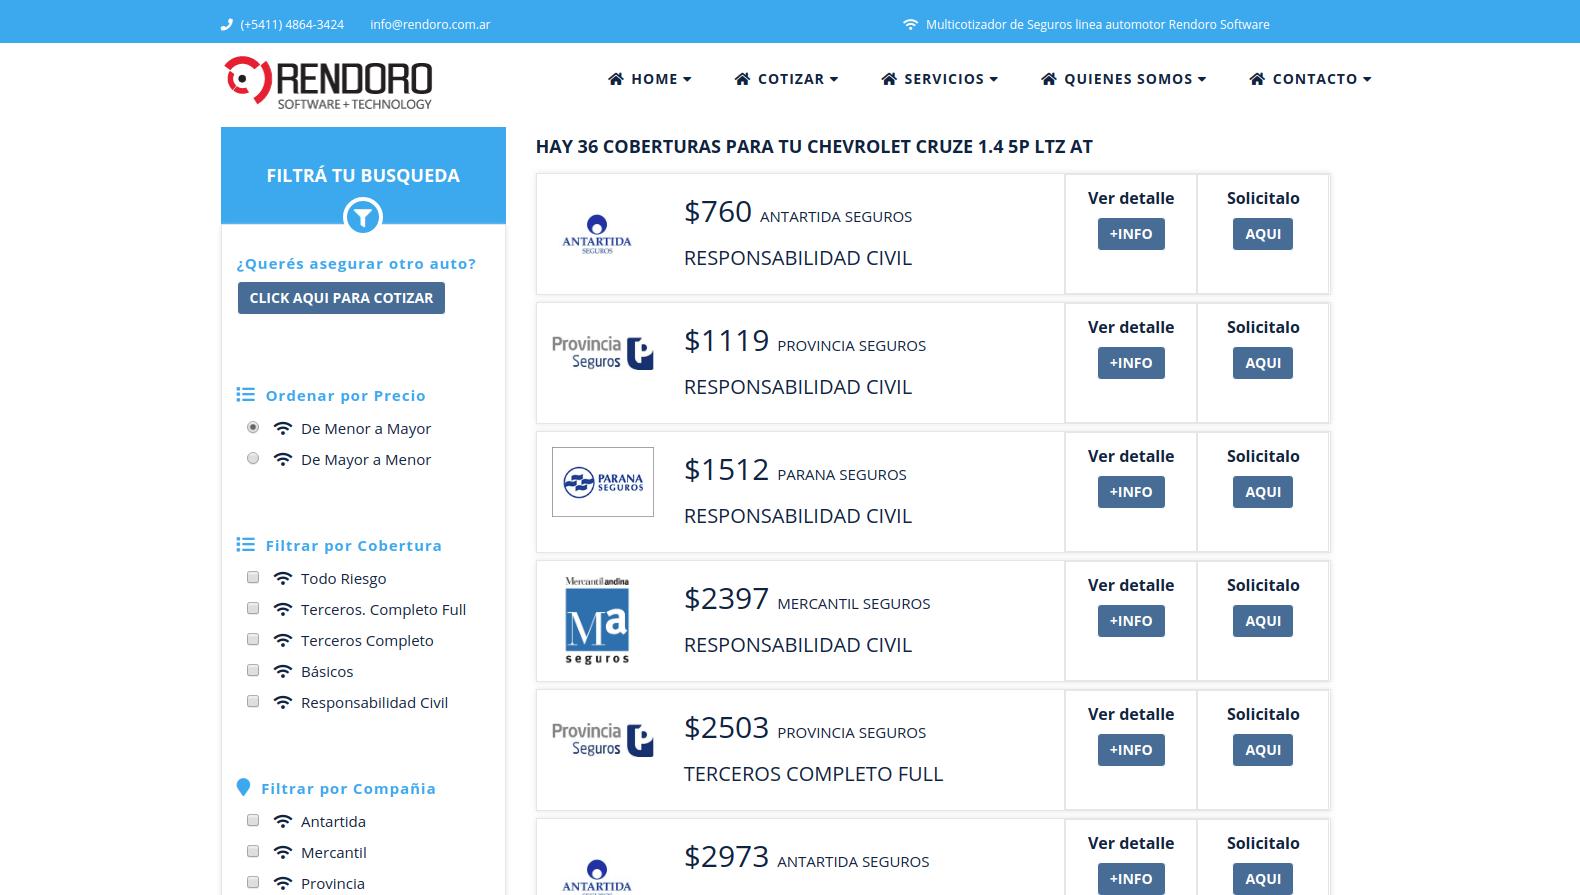 Rendoro Software desarrolla sistemas cotizadores para Brokers de seguros y software de gestión para empresas aseguradoras